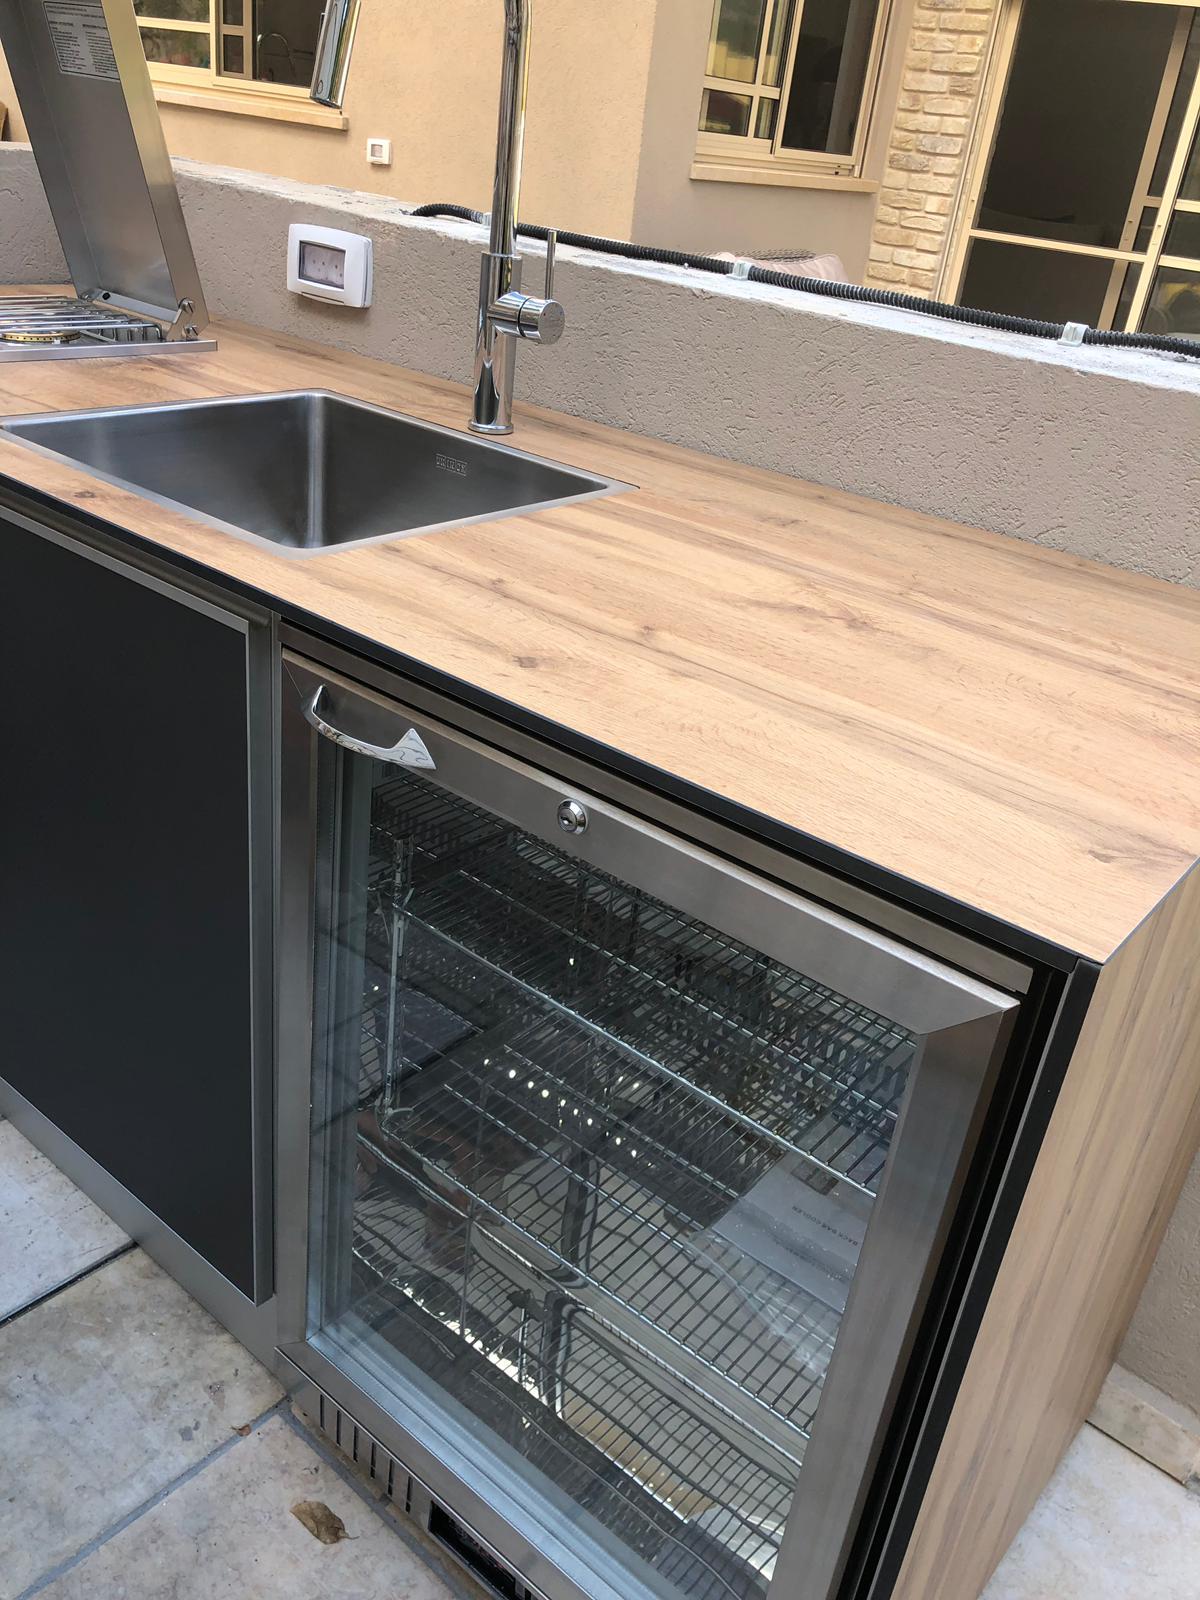 מקרר בנוי במטבח חוץ מושלם בחיפה